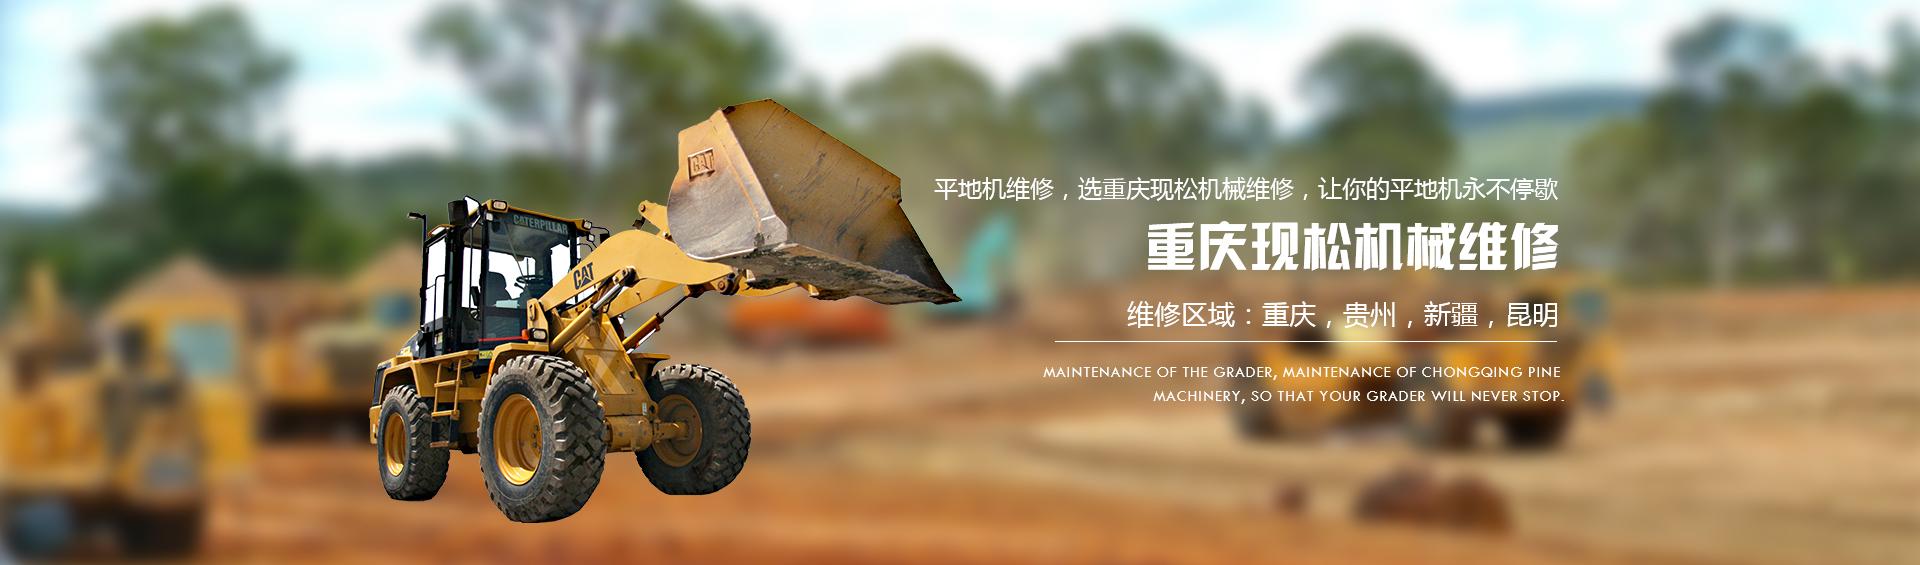 重庆平地机维修